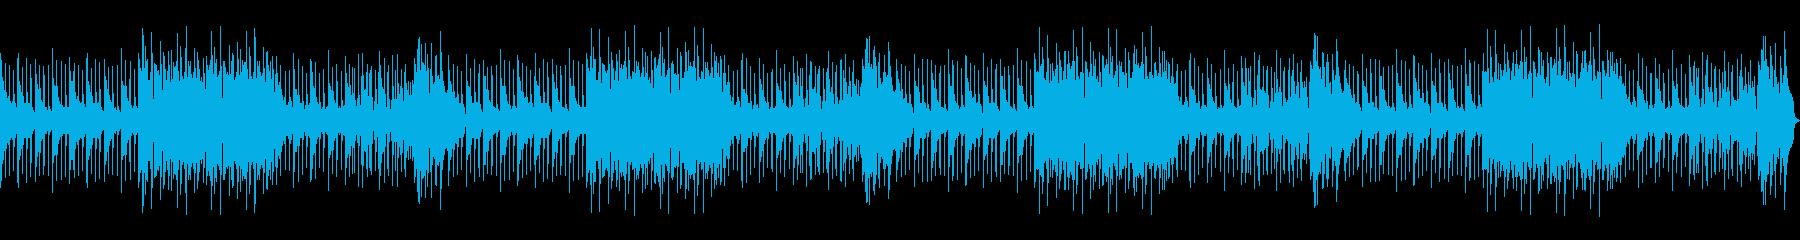 明るくポップで軽快なBGMの再生済みの波形